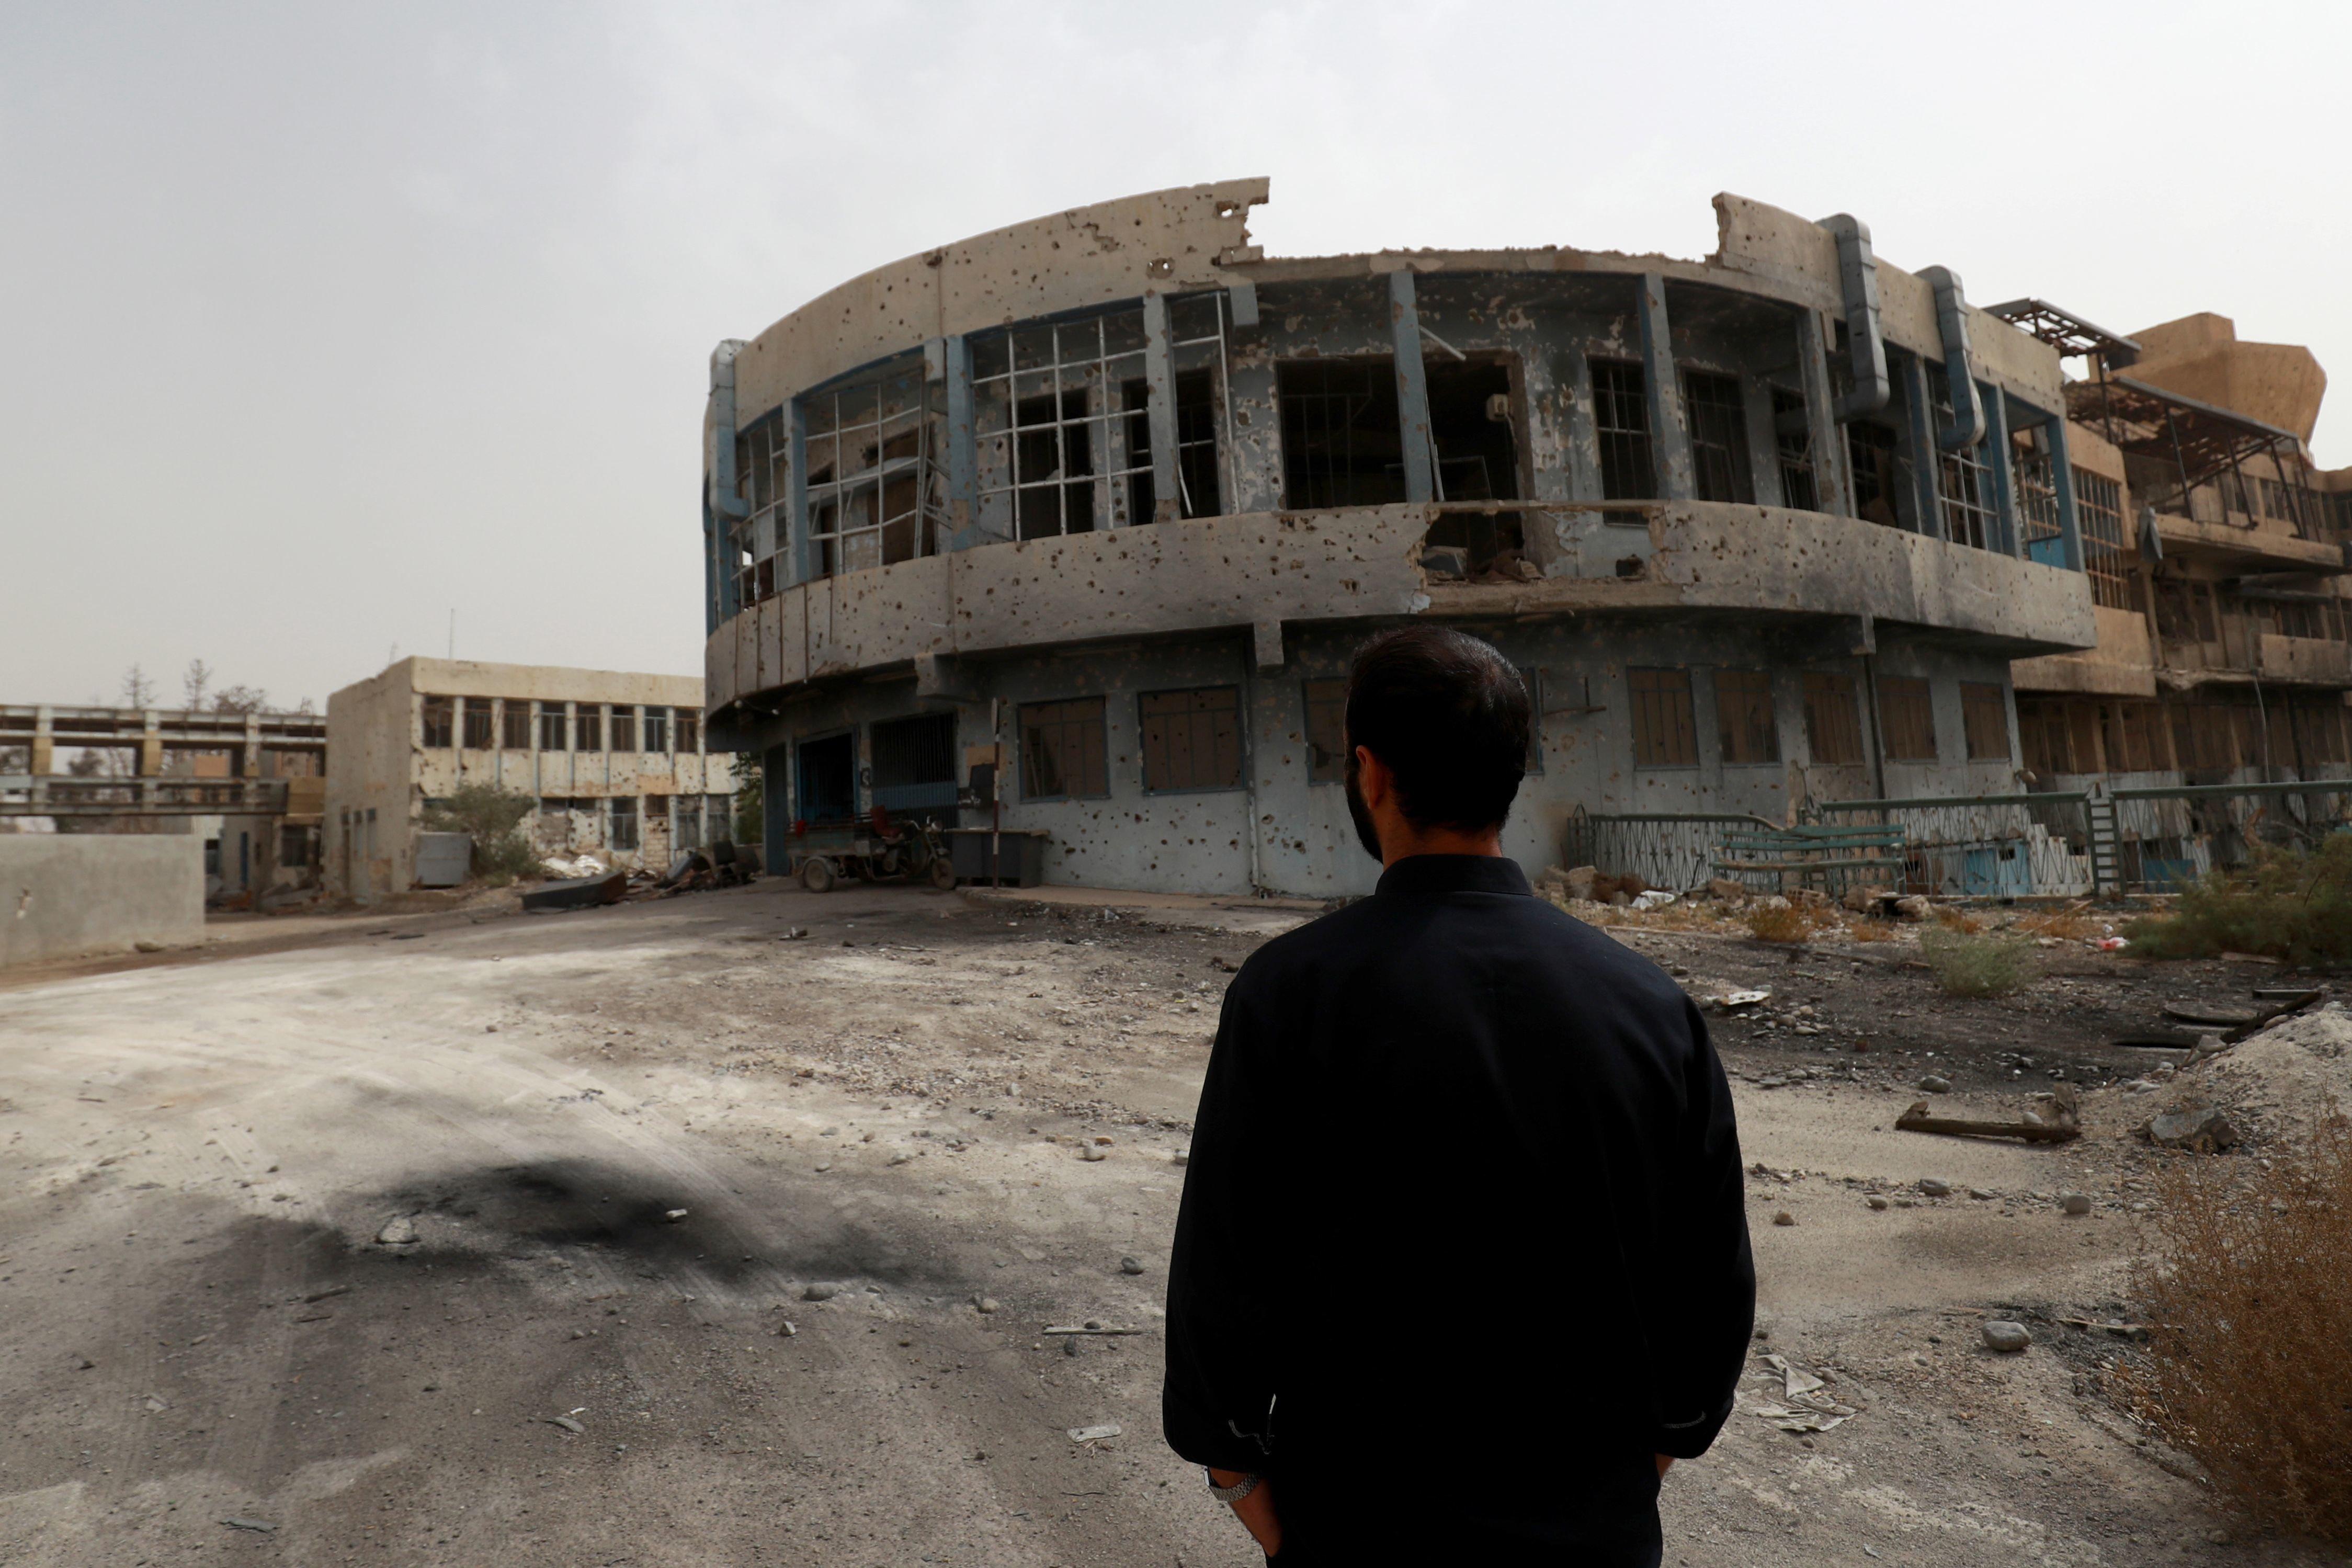 Un an après la défaite de l'EI, le principal hôpital de Raqa toujours en